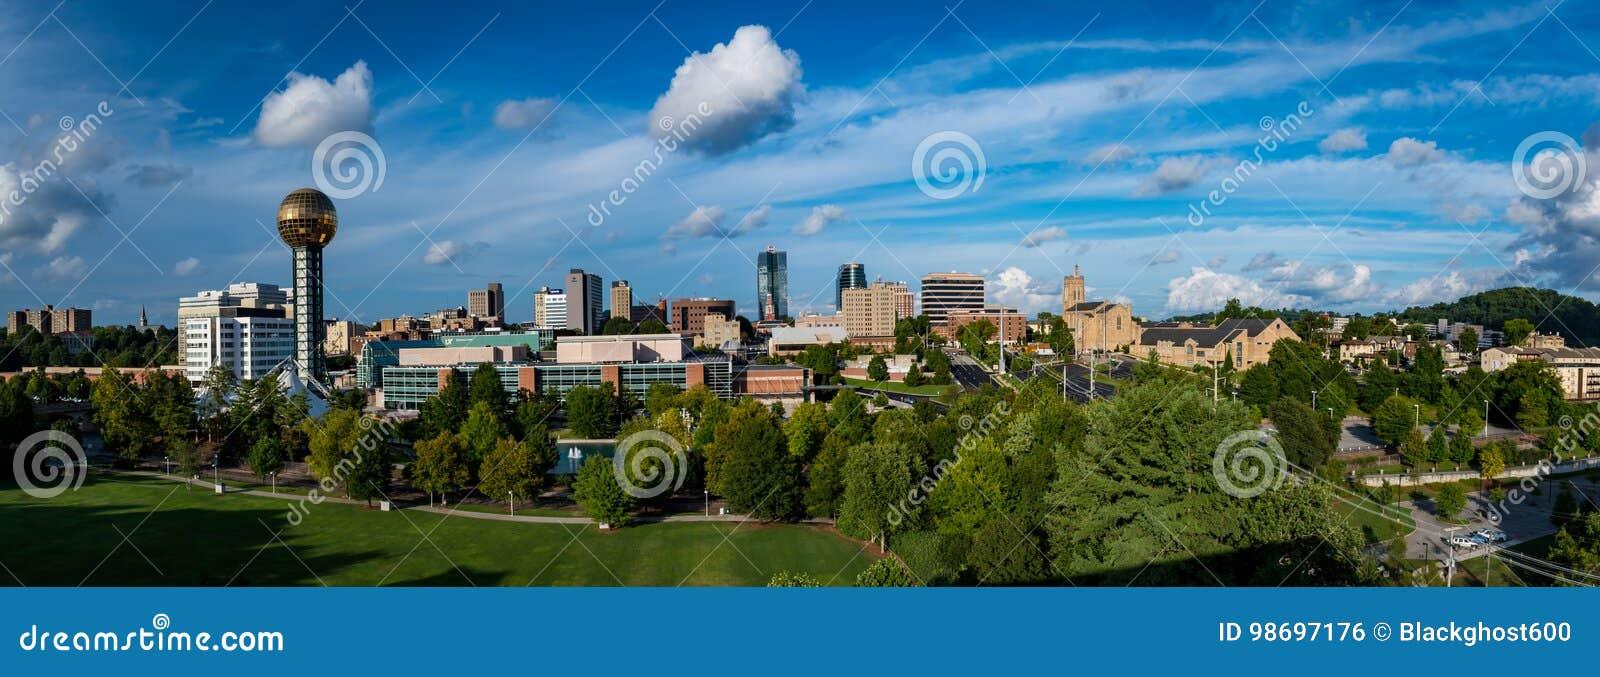 Im Stadtzentrum gelegener Knoxville Tennessee USA